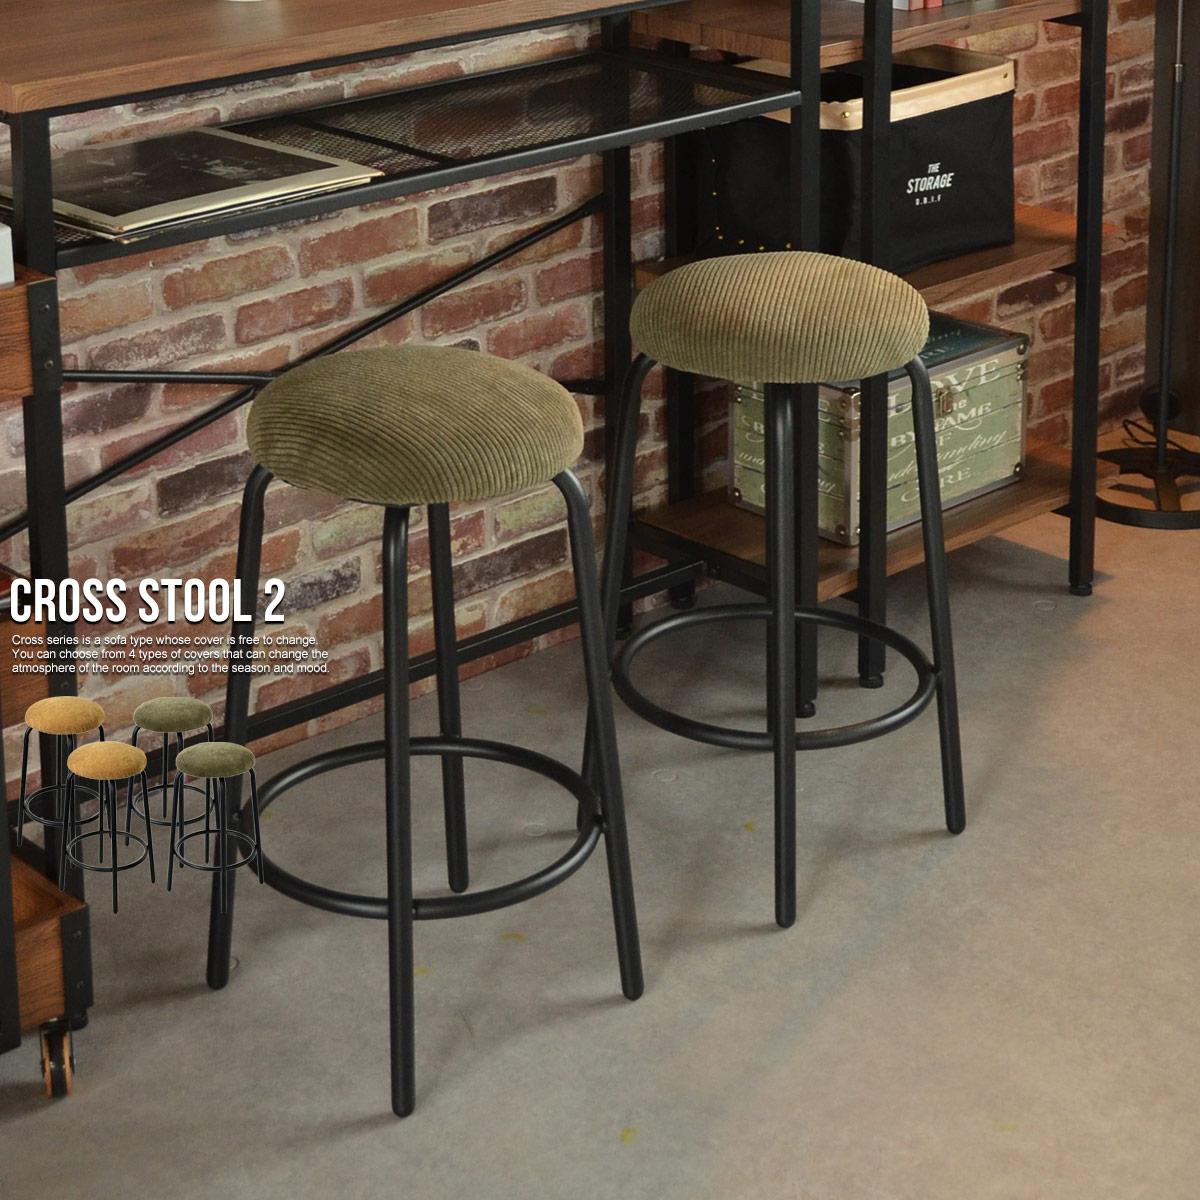 【特別クーポン&最大44倍】CROSS クロス ハイスツール ※2脚販売 送料無料 椅子 チェア スチール パイプ シンプル ブルックリン ヴィンテージ スタイリッシュ 新生活